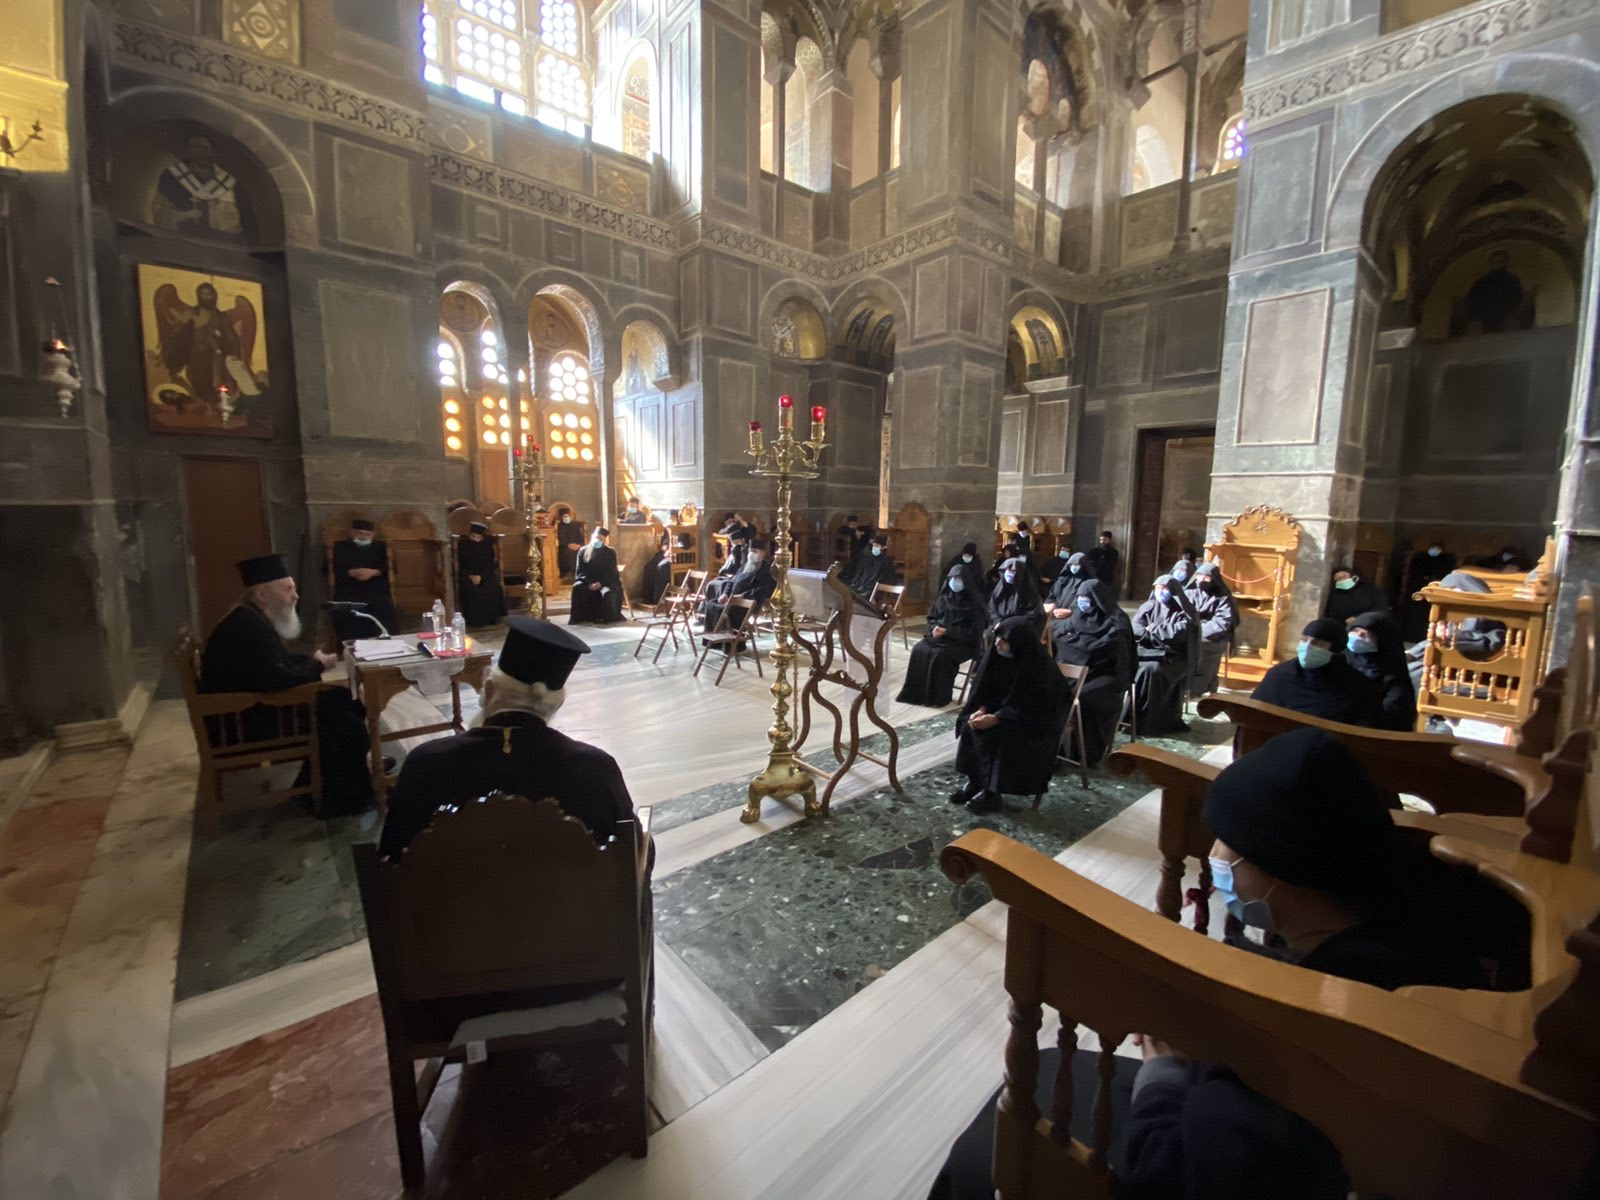 Μοναστική Σύναξη της Ιεράς Μητροπόλεως Θηβών και Λεβαδείας(φωτο)